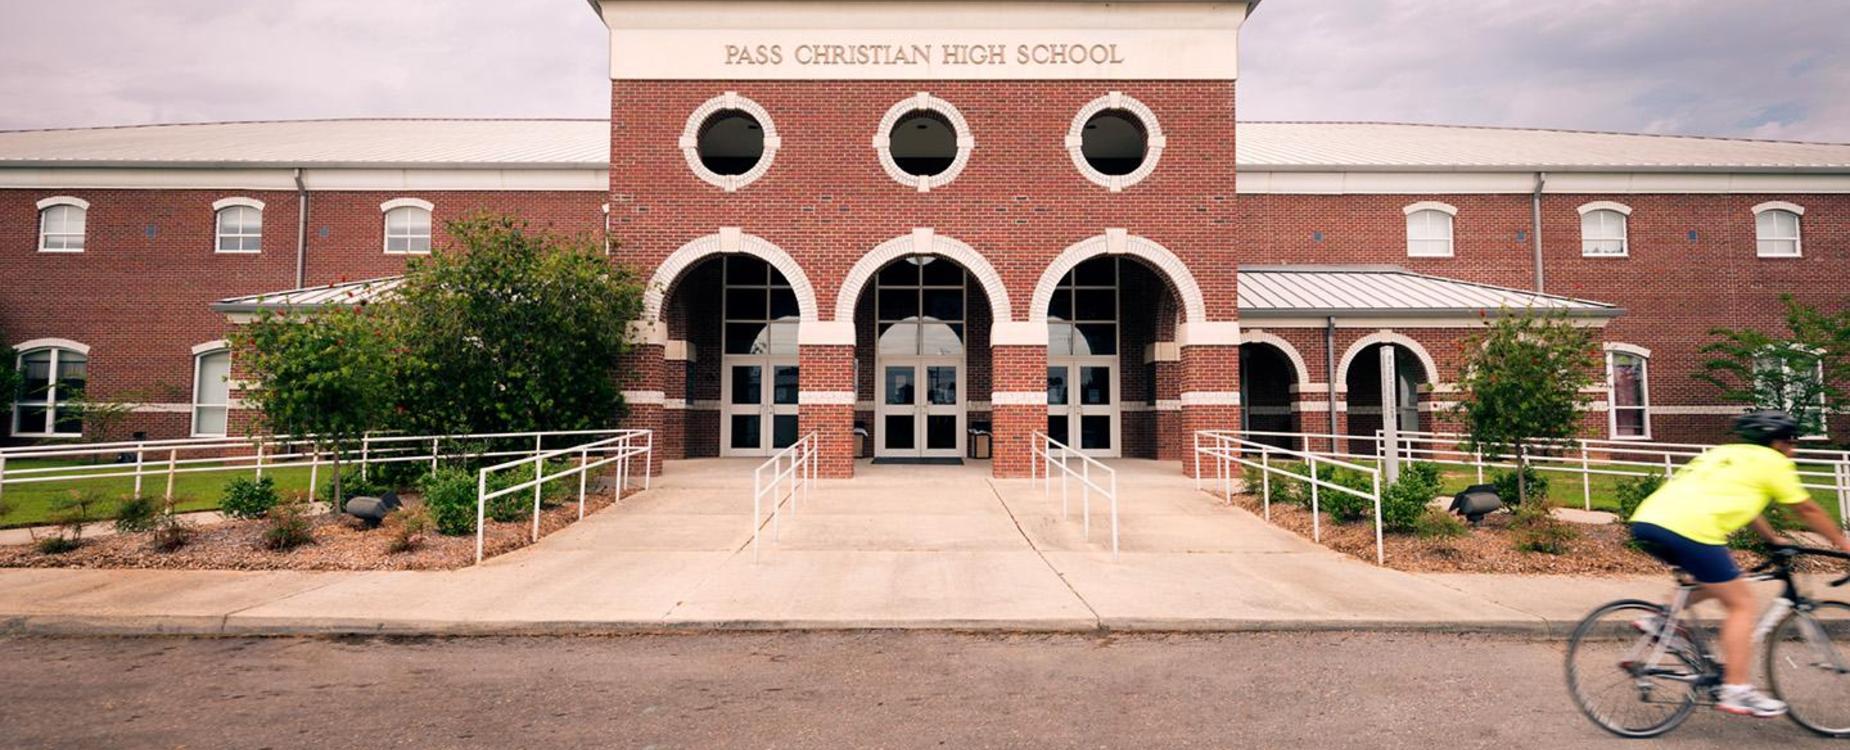 Pass Christian High School